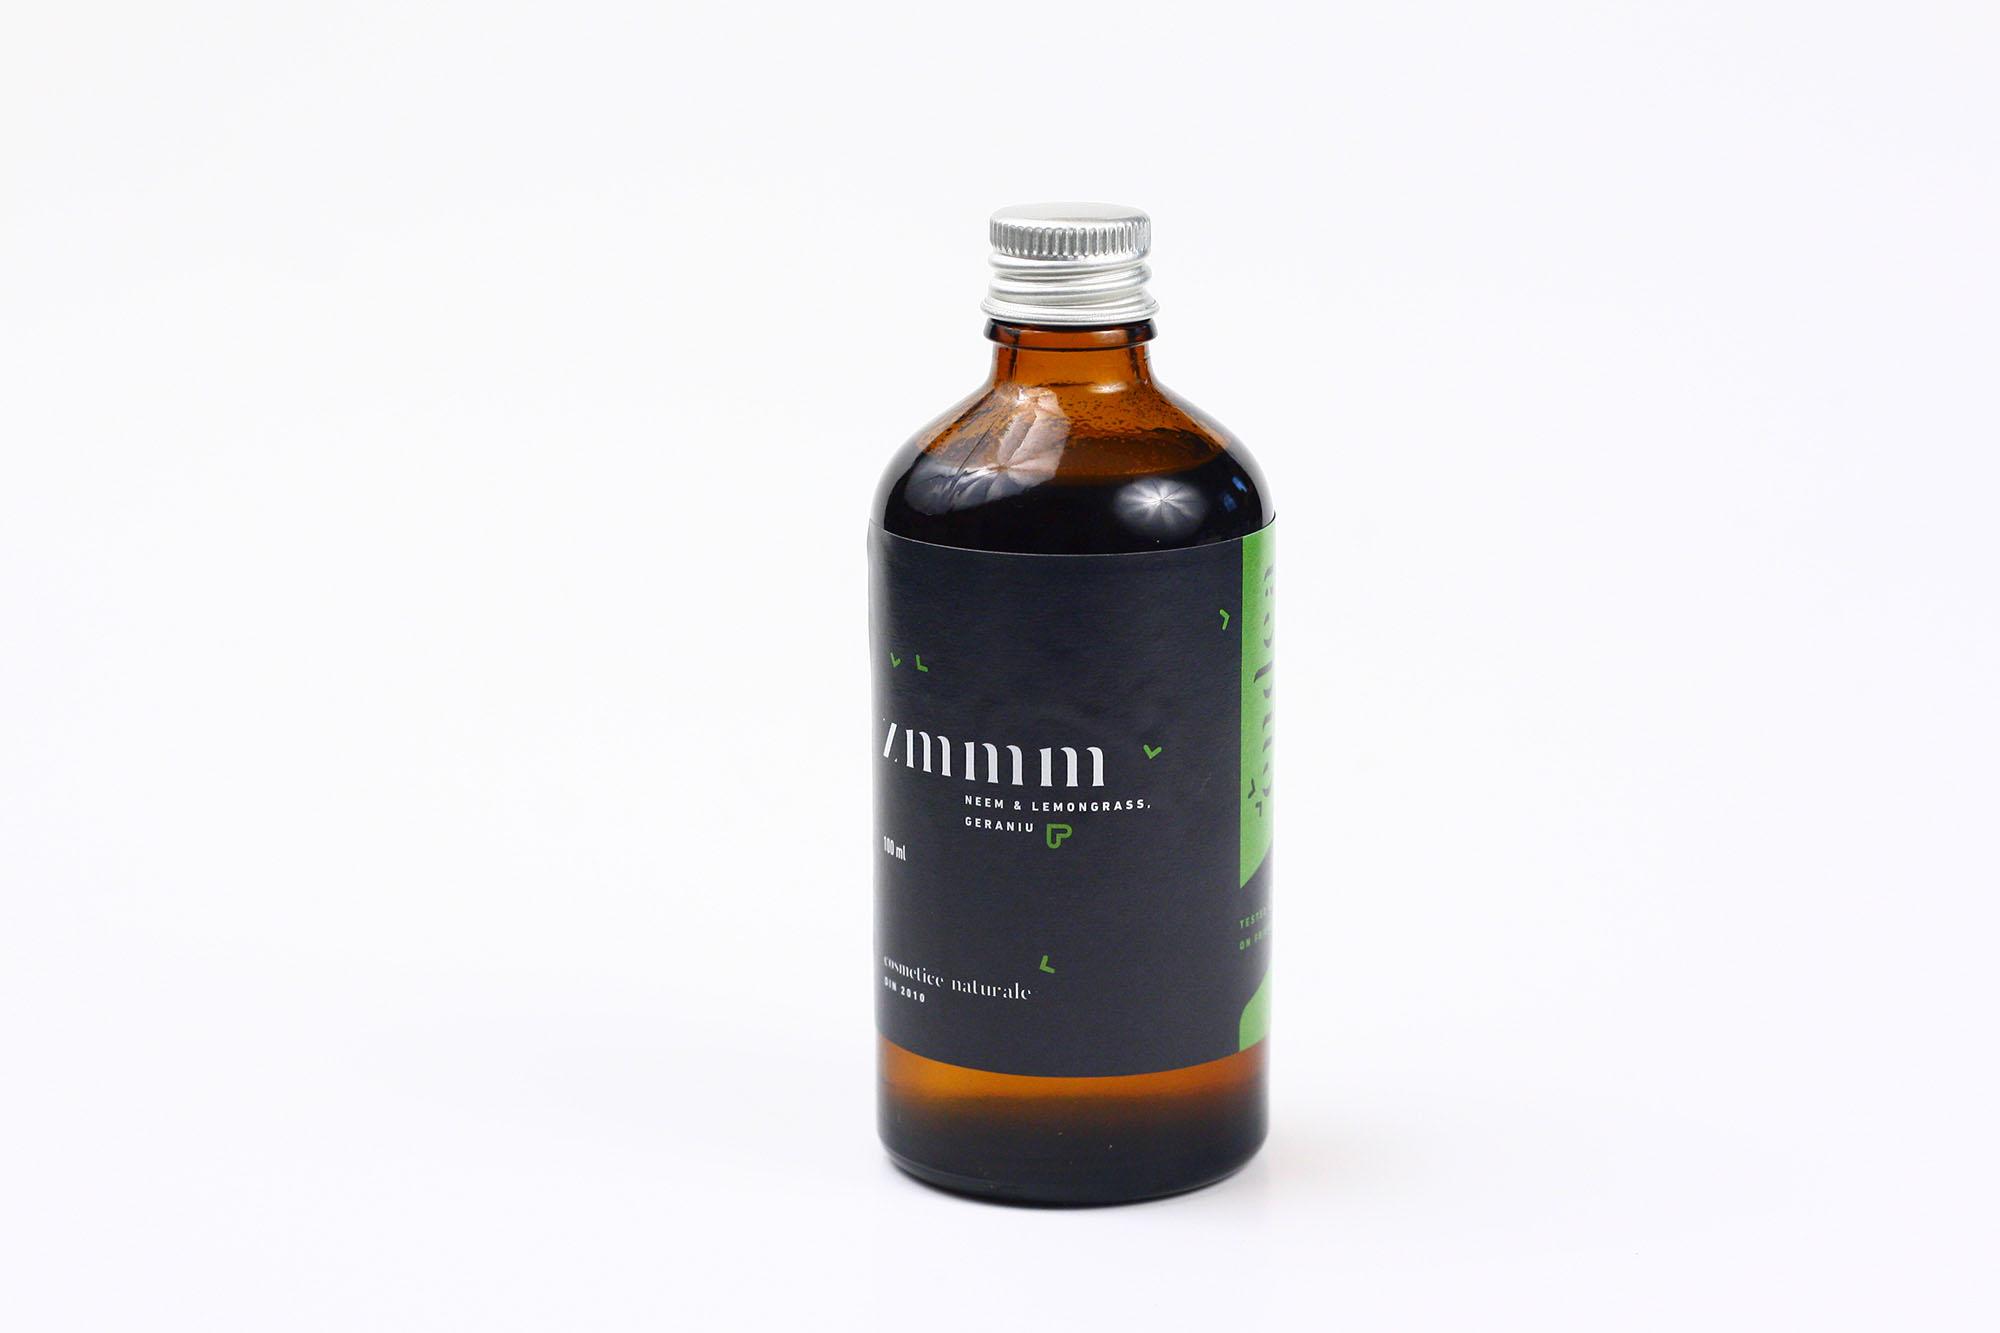 Soluție repelentă de insecte cu lavandă și ulei de neem - Zmmm | Endea - Tested on friends